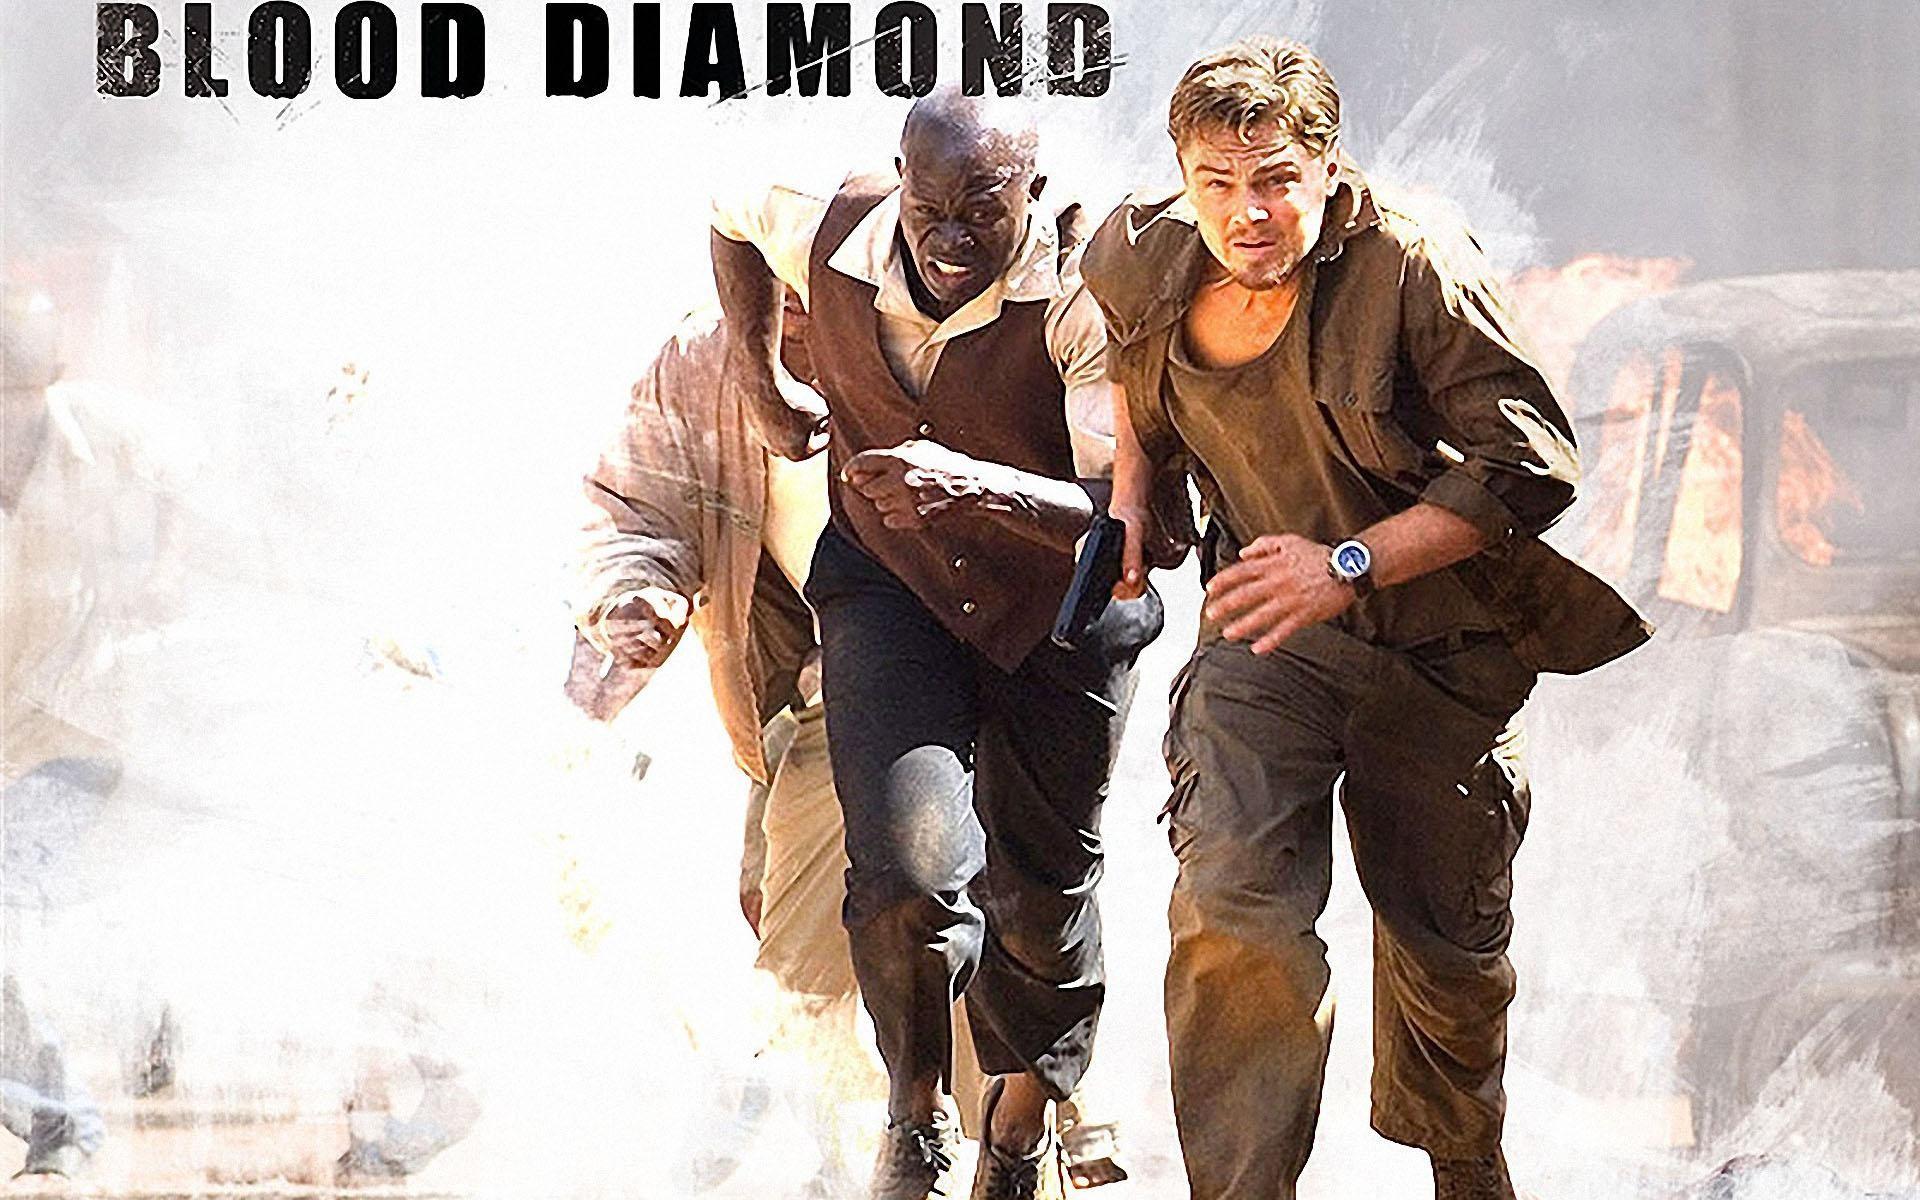 莱昂纳多·迪卡普里奥投资的人造钻石公司Diamond Foundry,以减少不人道的开采钻石方式。